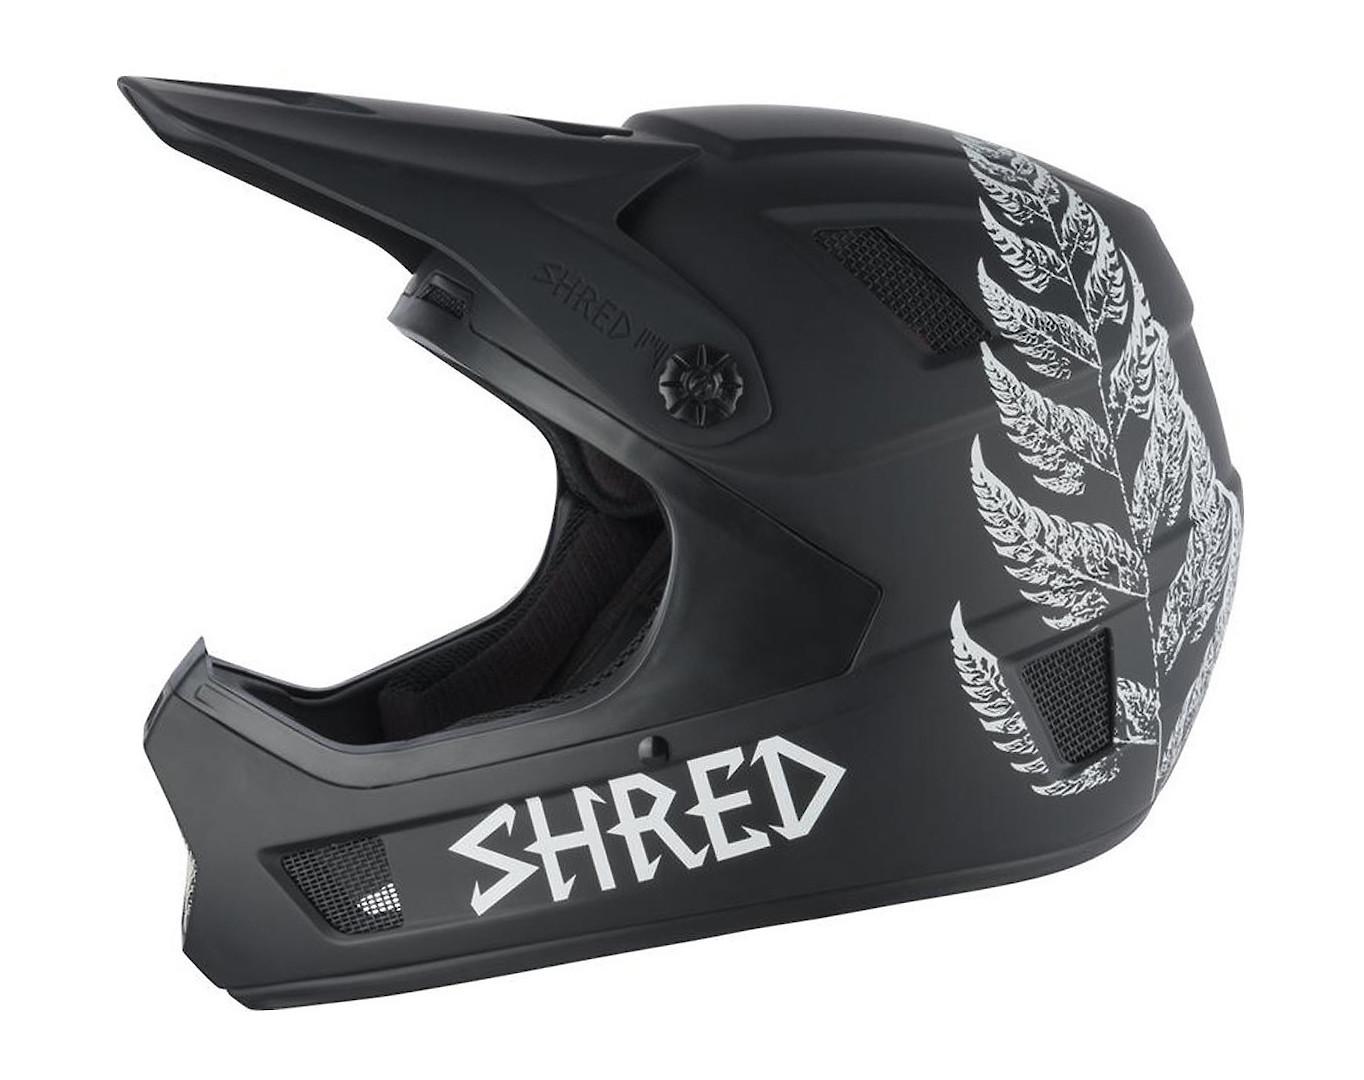 Shred Optics Brain Box Full Face Helmet - McGazza Forever